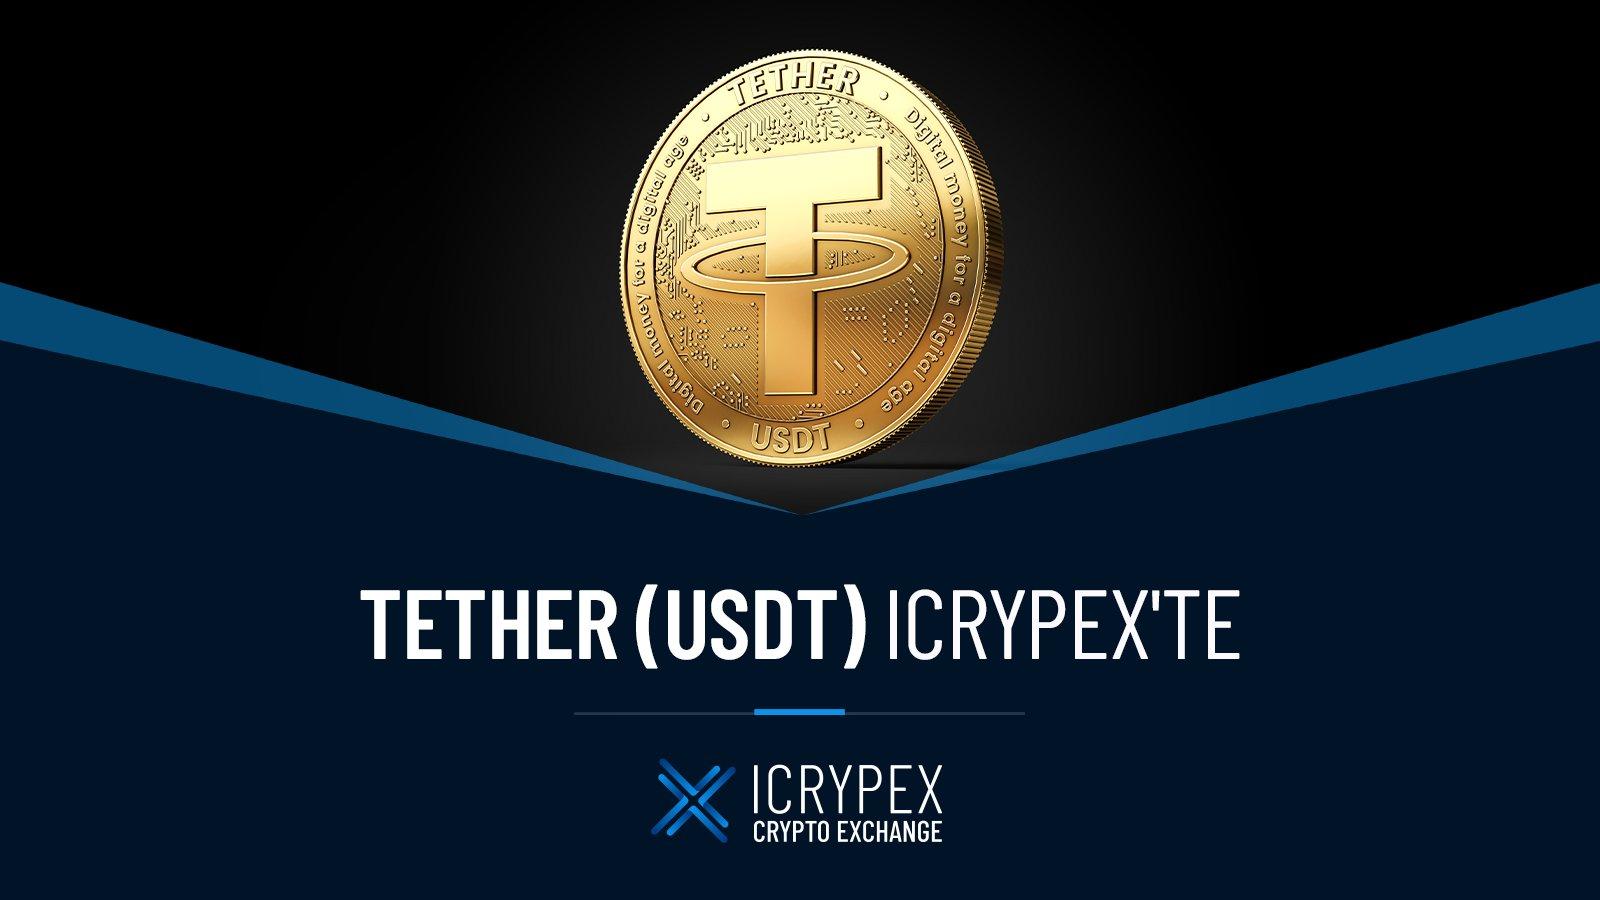 Icrypex Borsası Tether (USDT) Para Birimini Listeledi